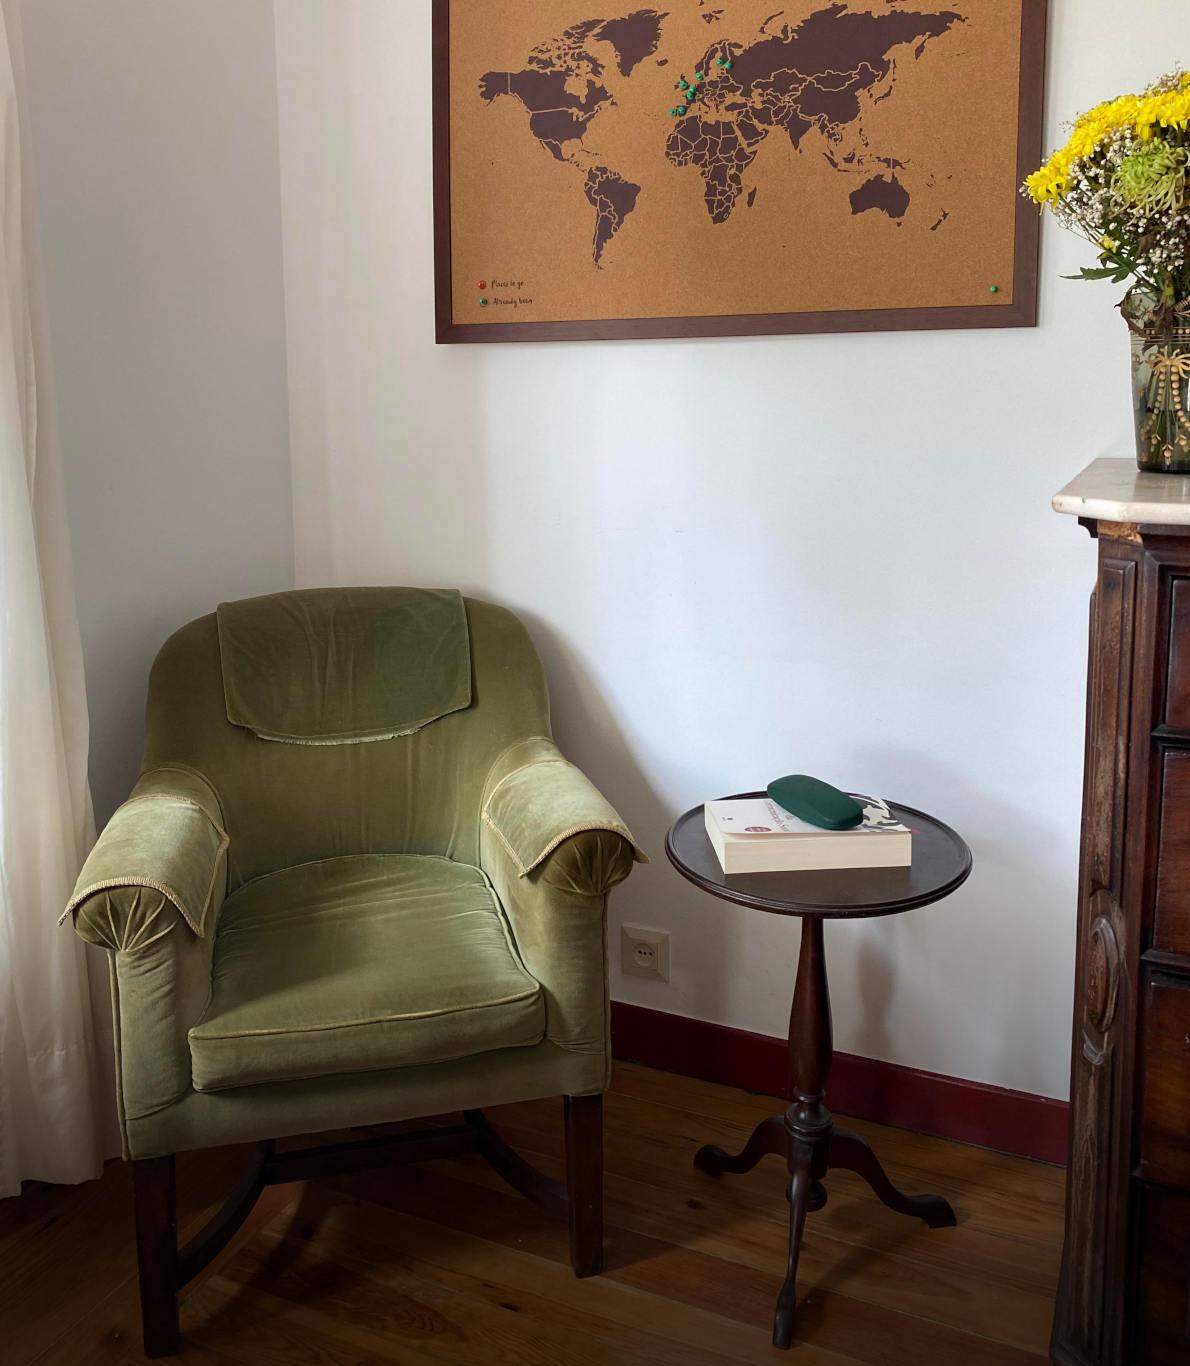 Cantinho para a leitura com uma cadeira restaurada verde e uma mesinha de apoio